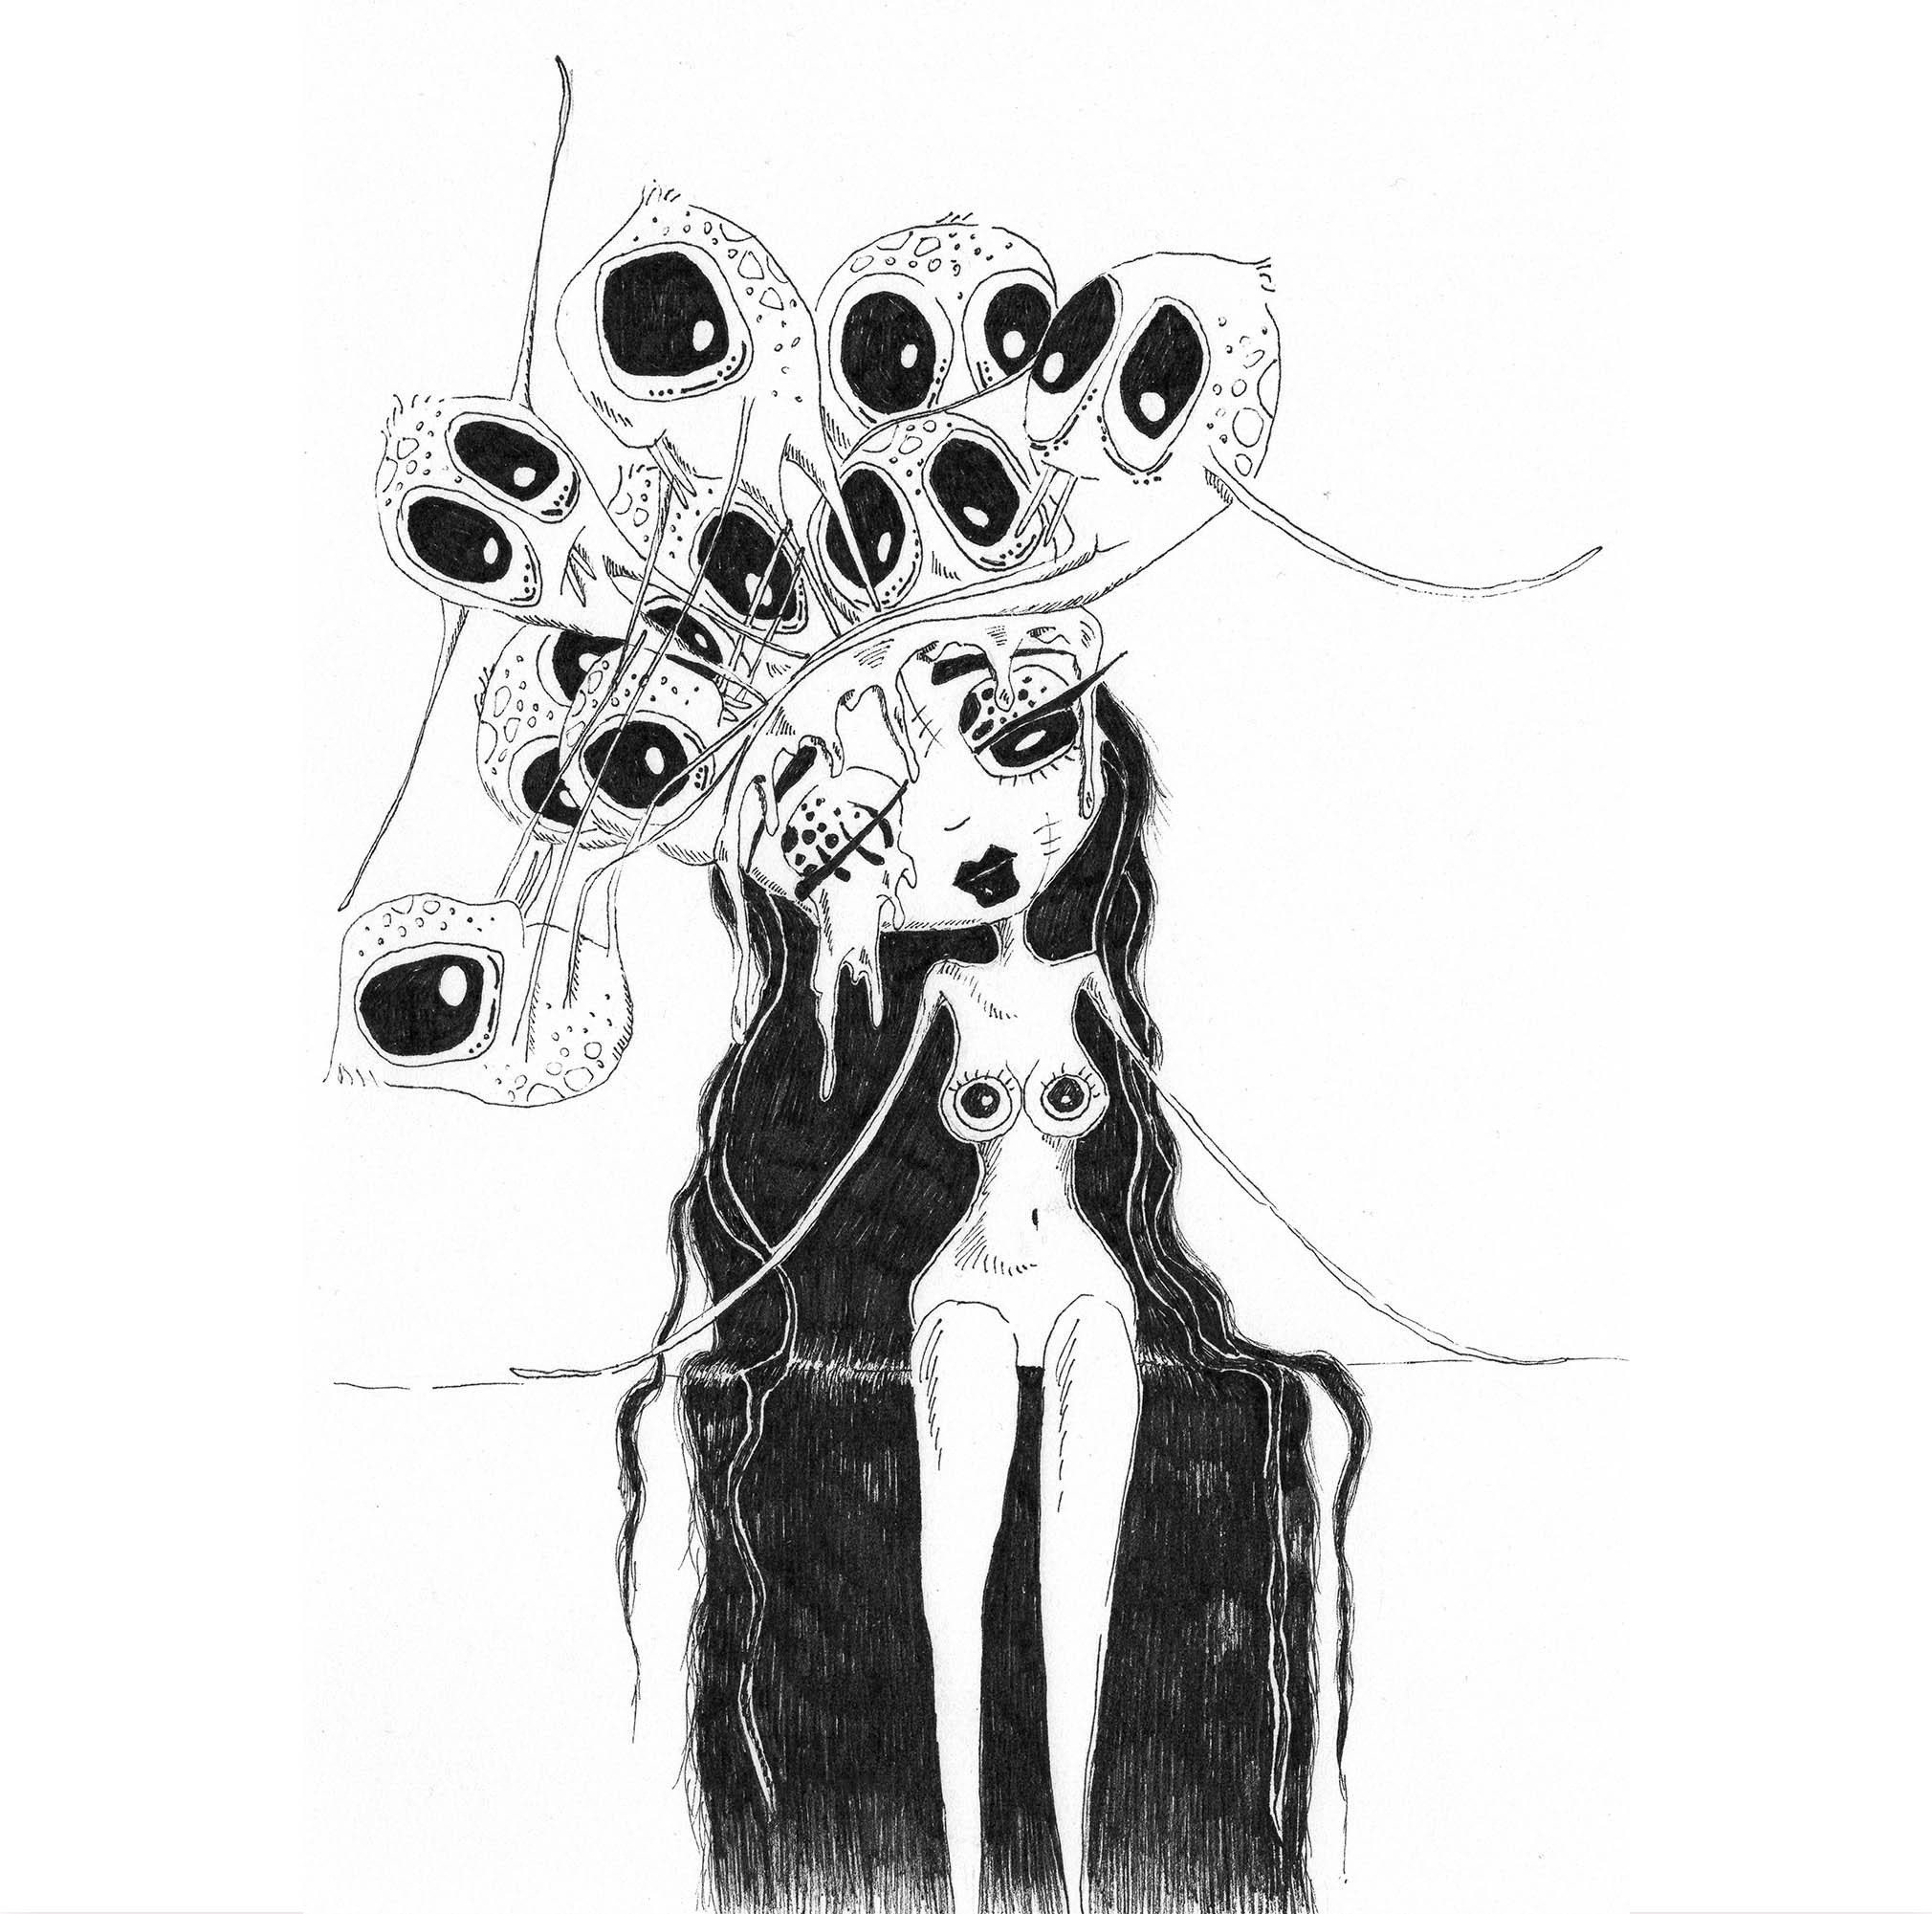 anxious awakenings